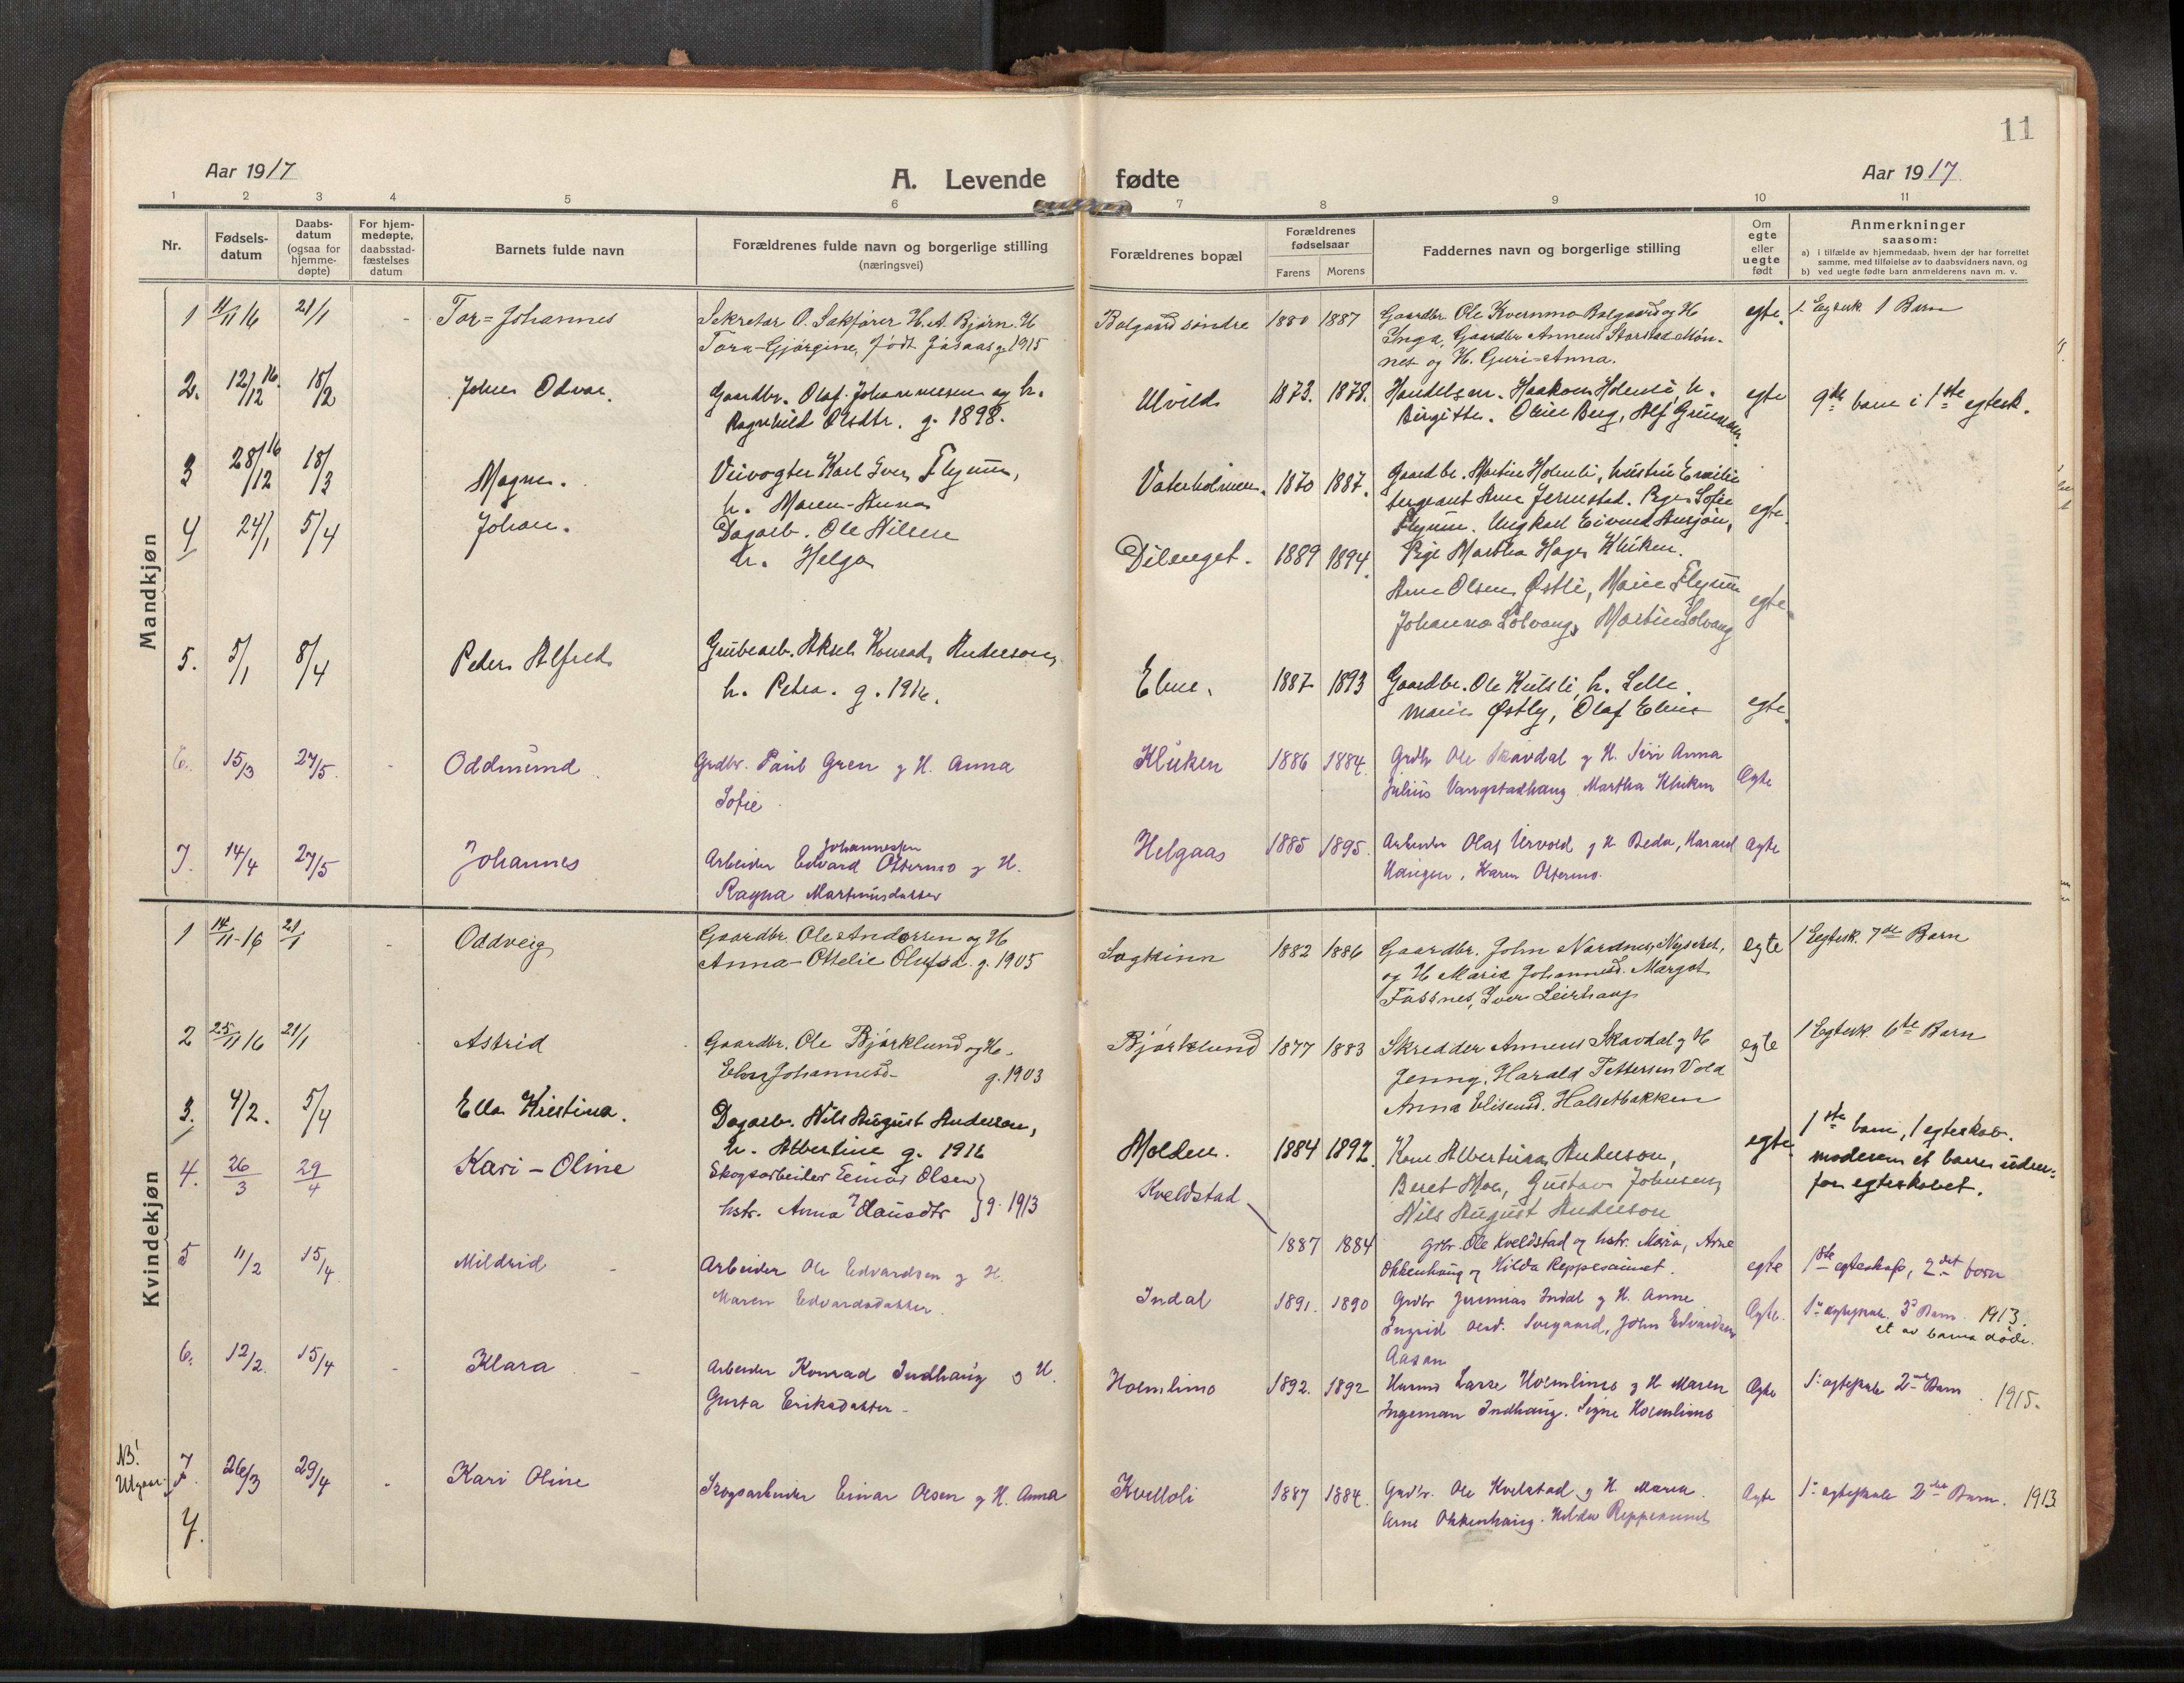 SAT, Verdal sokneprestkontor*, Parish register (official) no. 1, 1916-1928, p. 11